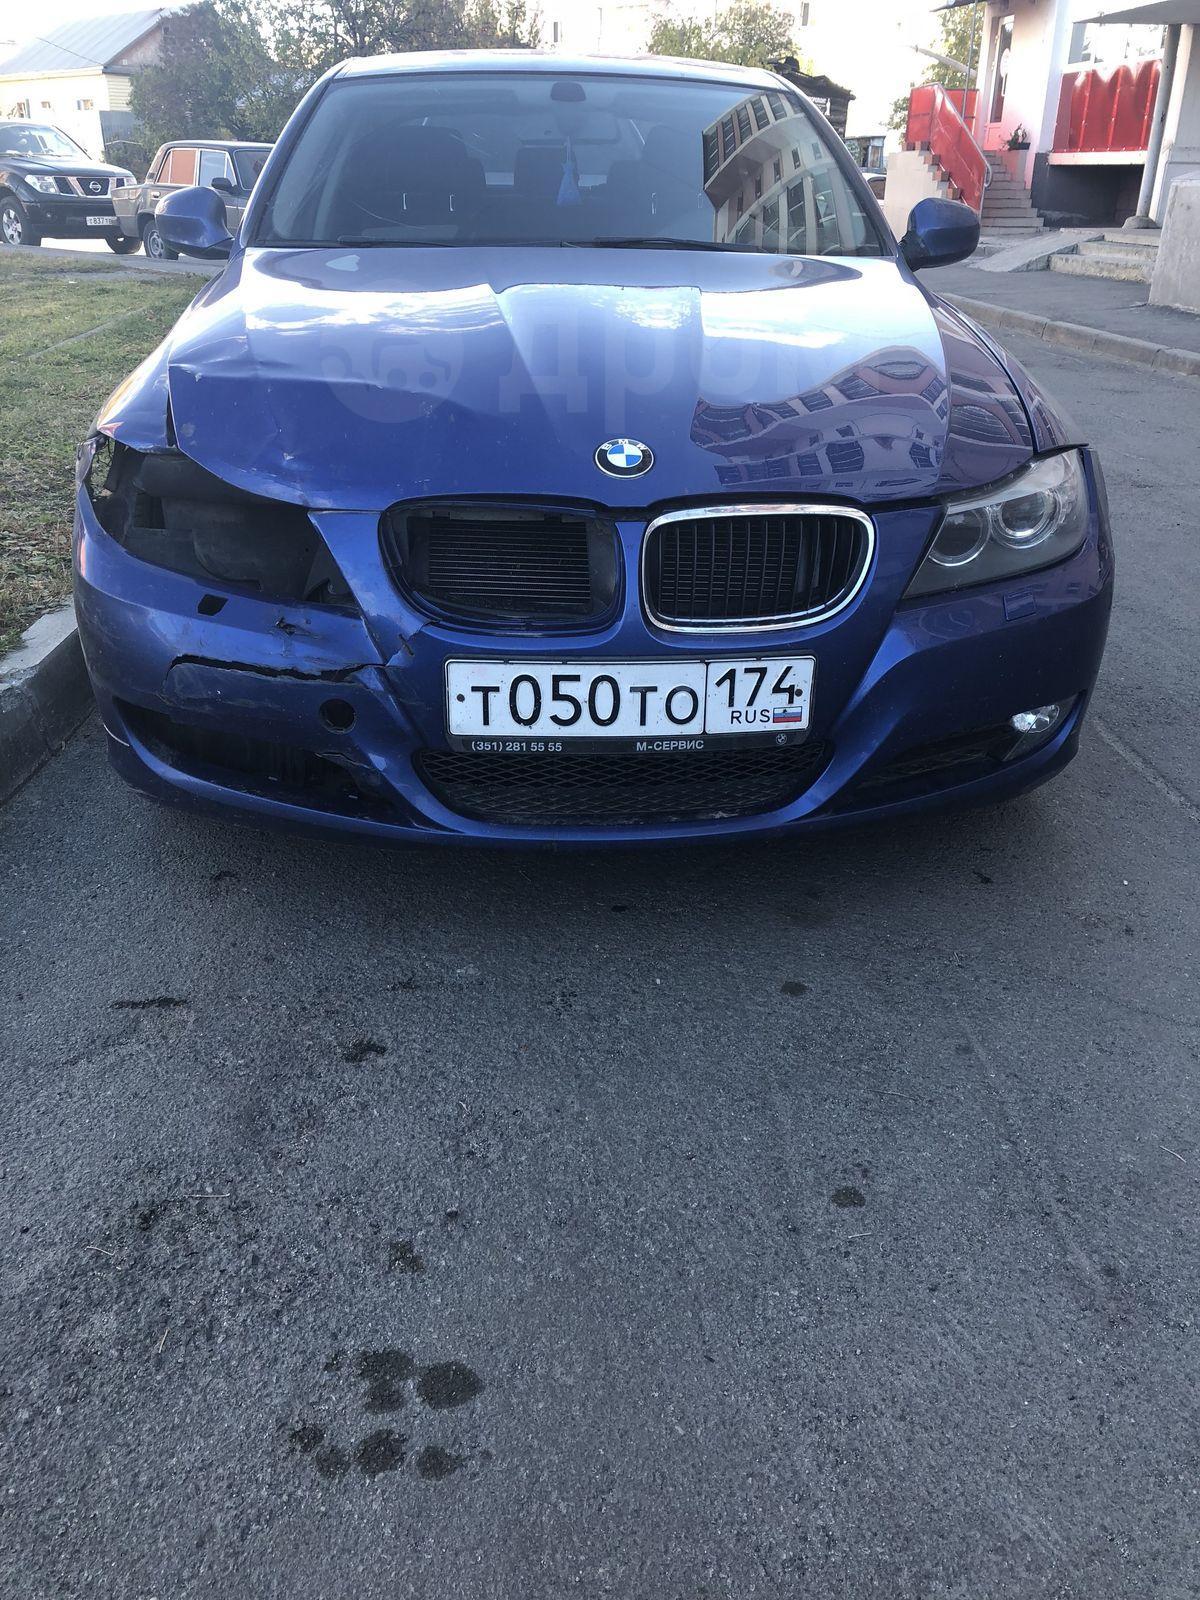 Купить BMW 3 Series 2011 в ЧеРябинске с пробегом АКПП седан 2